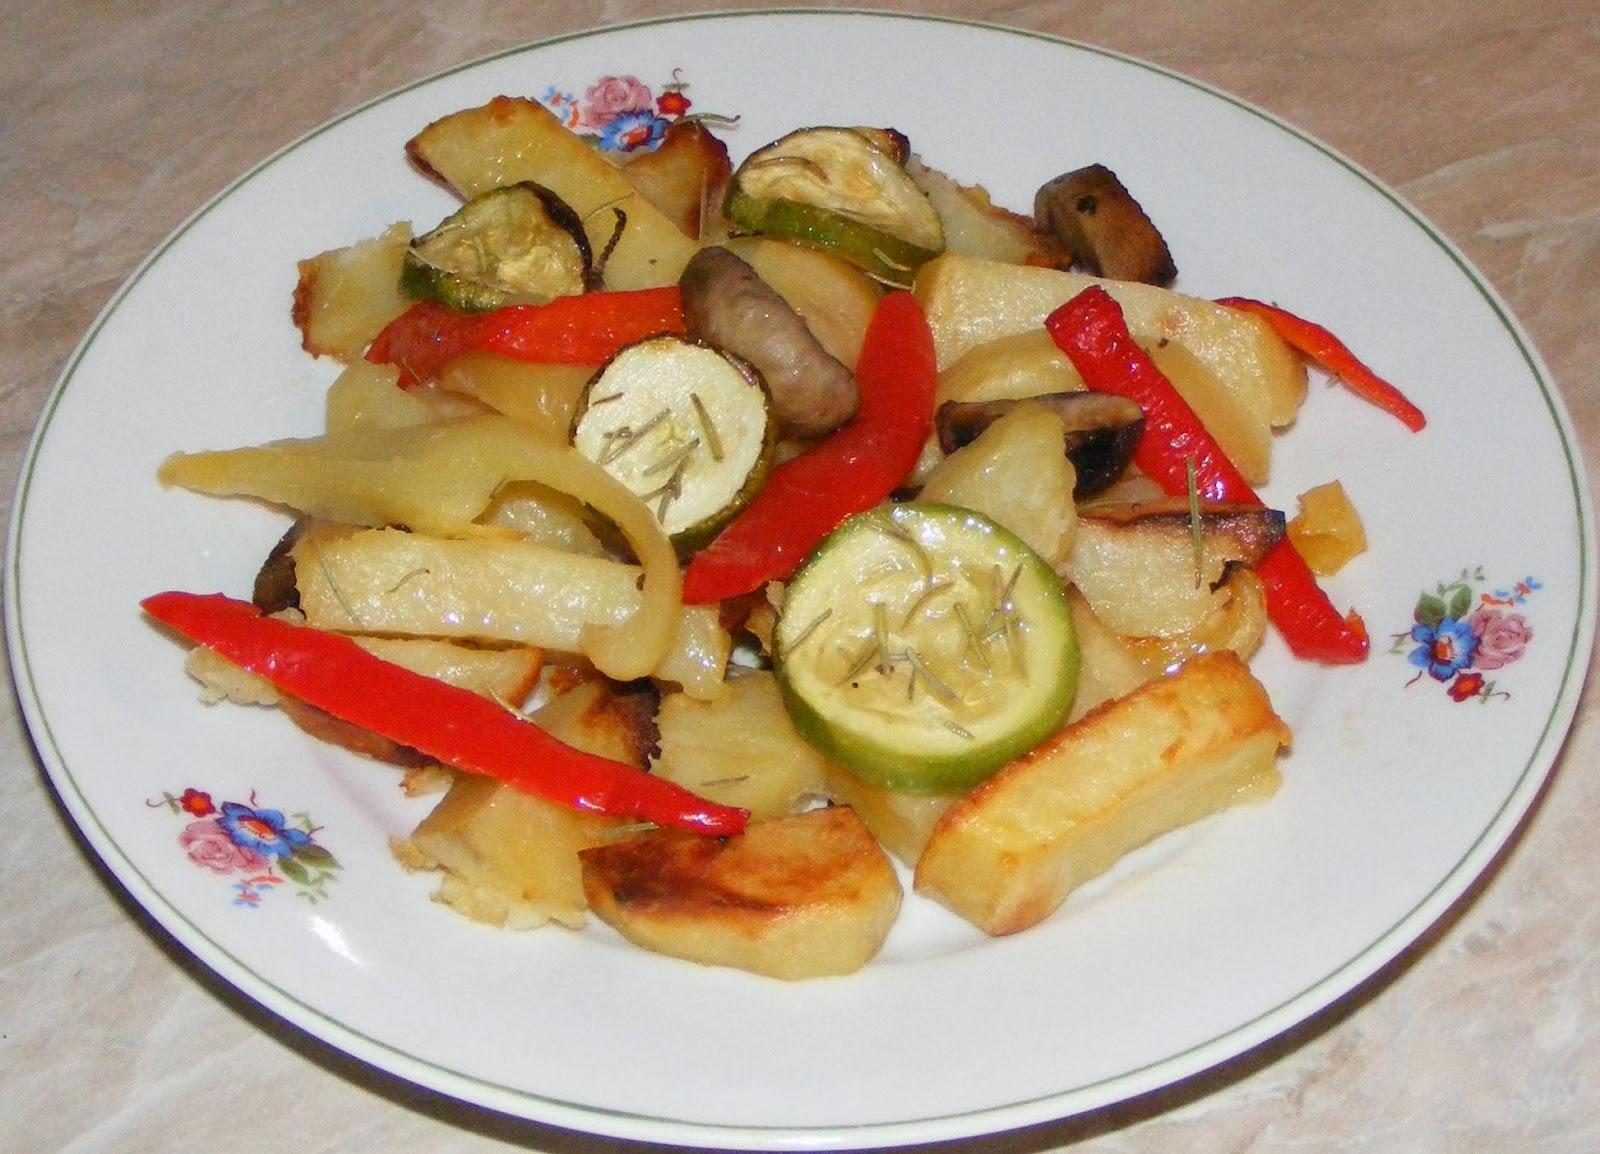 retete de post, retete de mancare, cartofi cu legume la cuptor, preparate culinare, retete culinare, cartofi cu legume la cuptor de post, retete cu cartofi, retete cu legume, friptura de cartofi cu legume la cuptor,